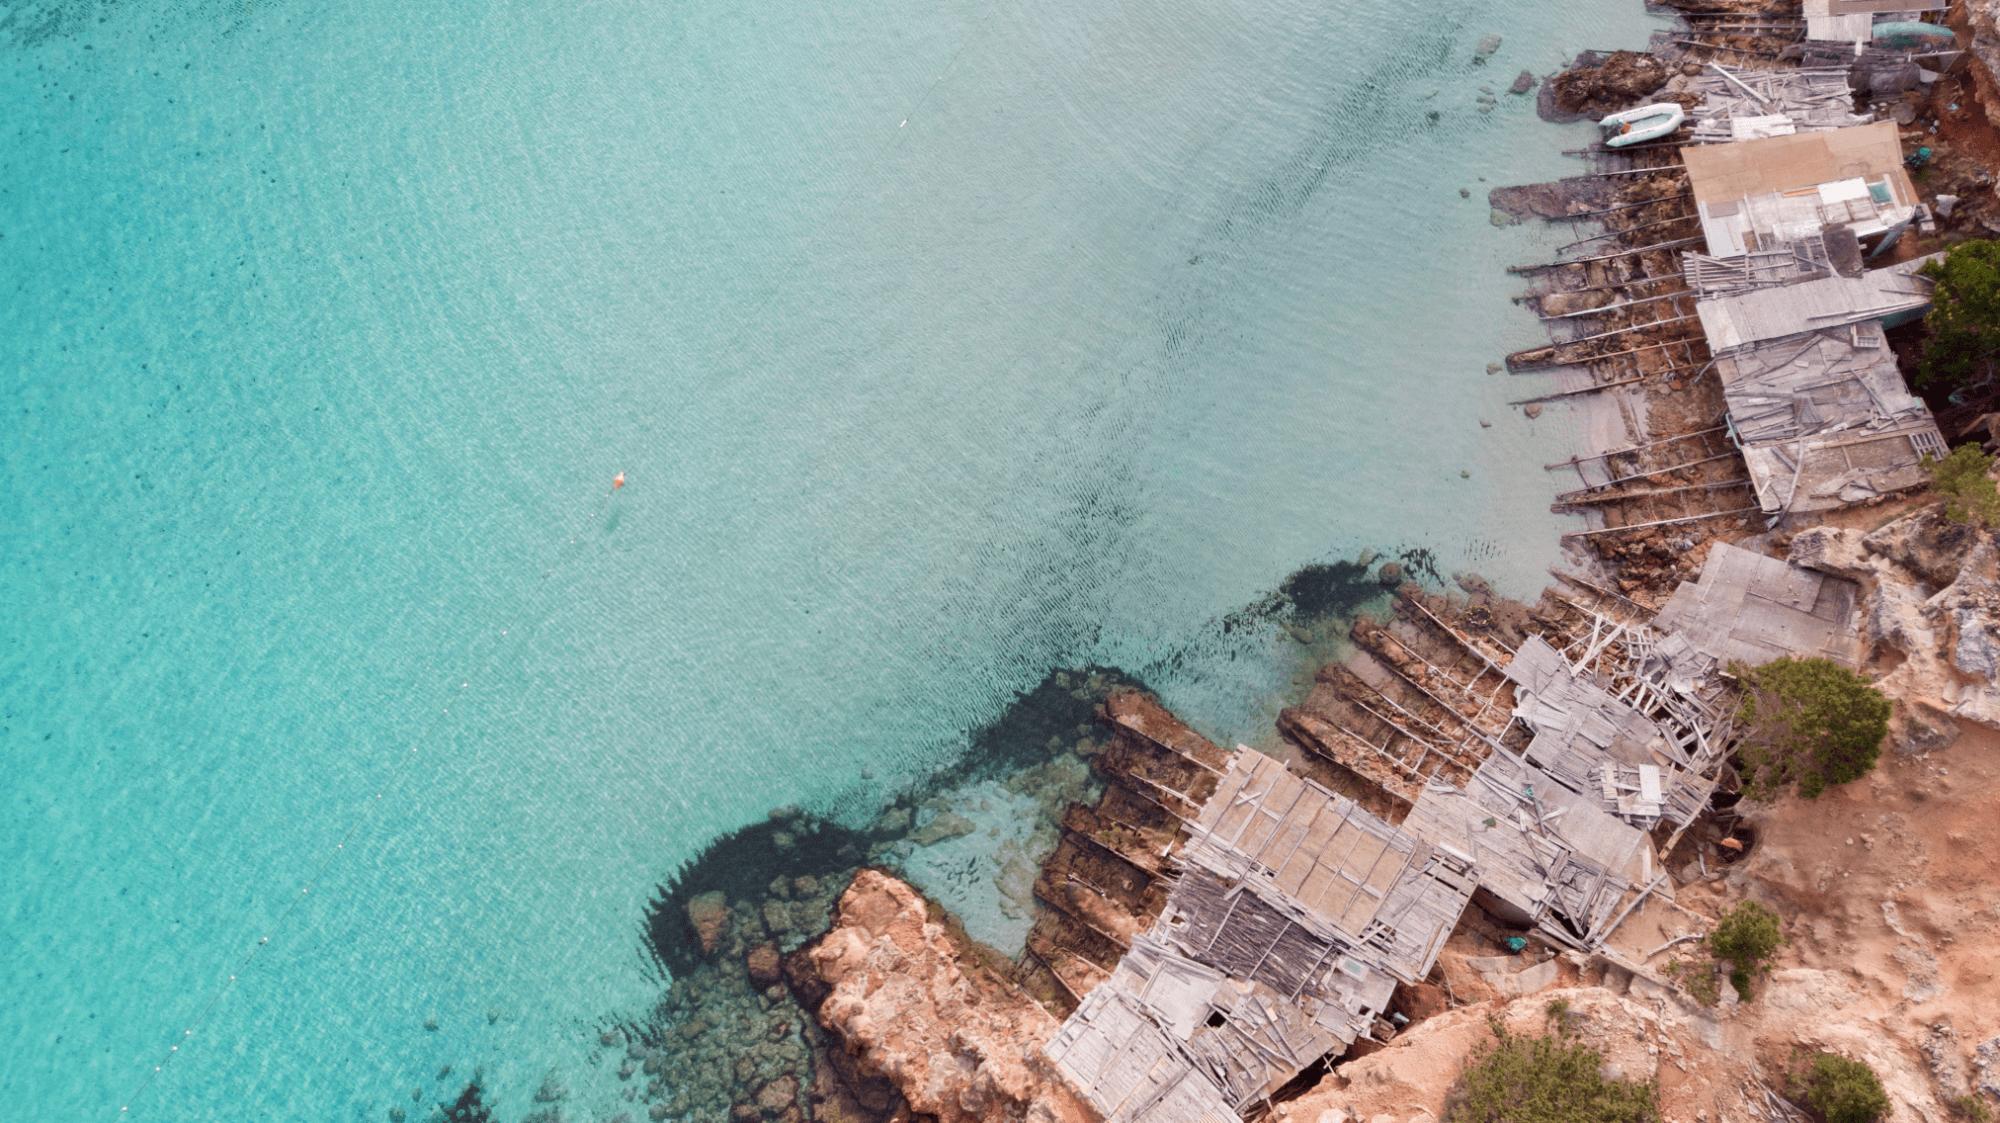 La costa vicino a Cala Saona